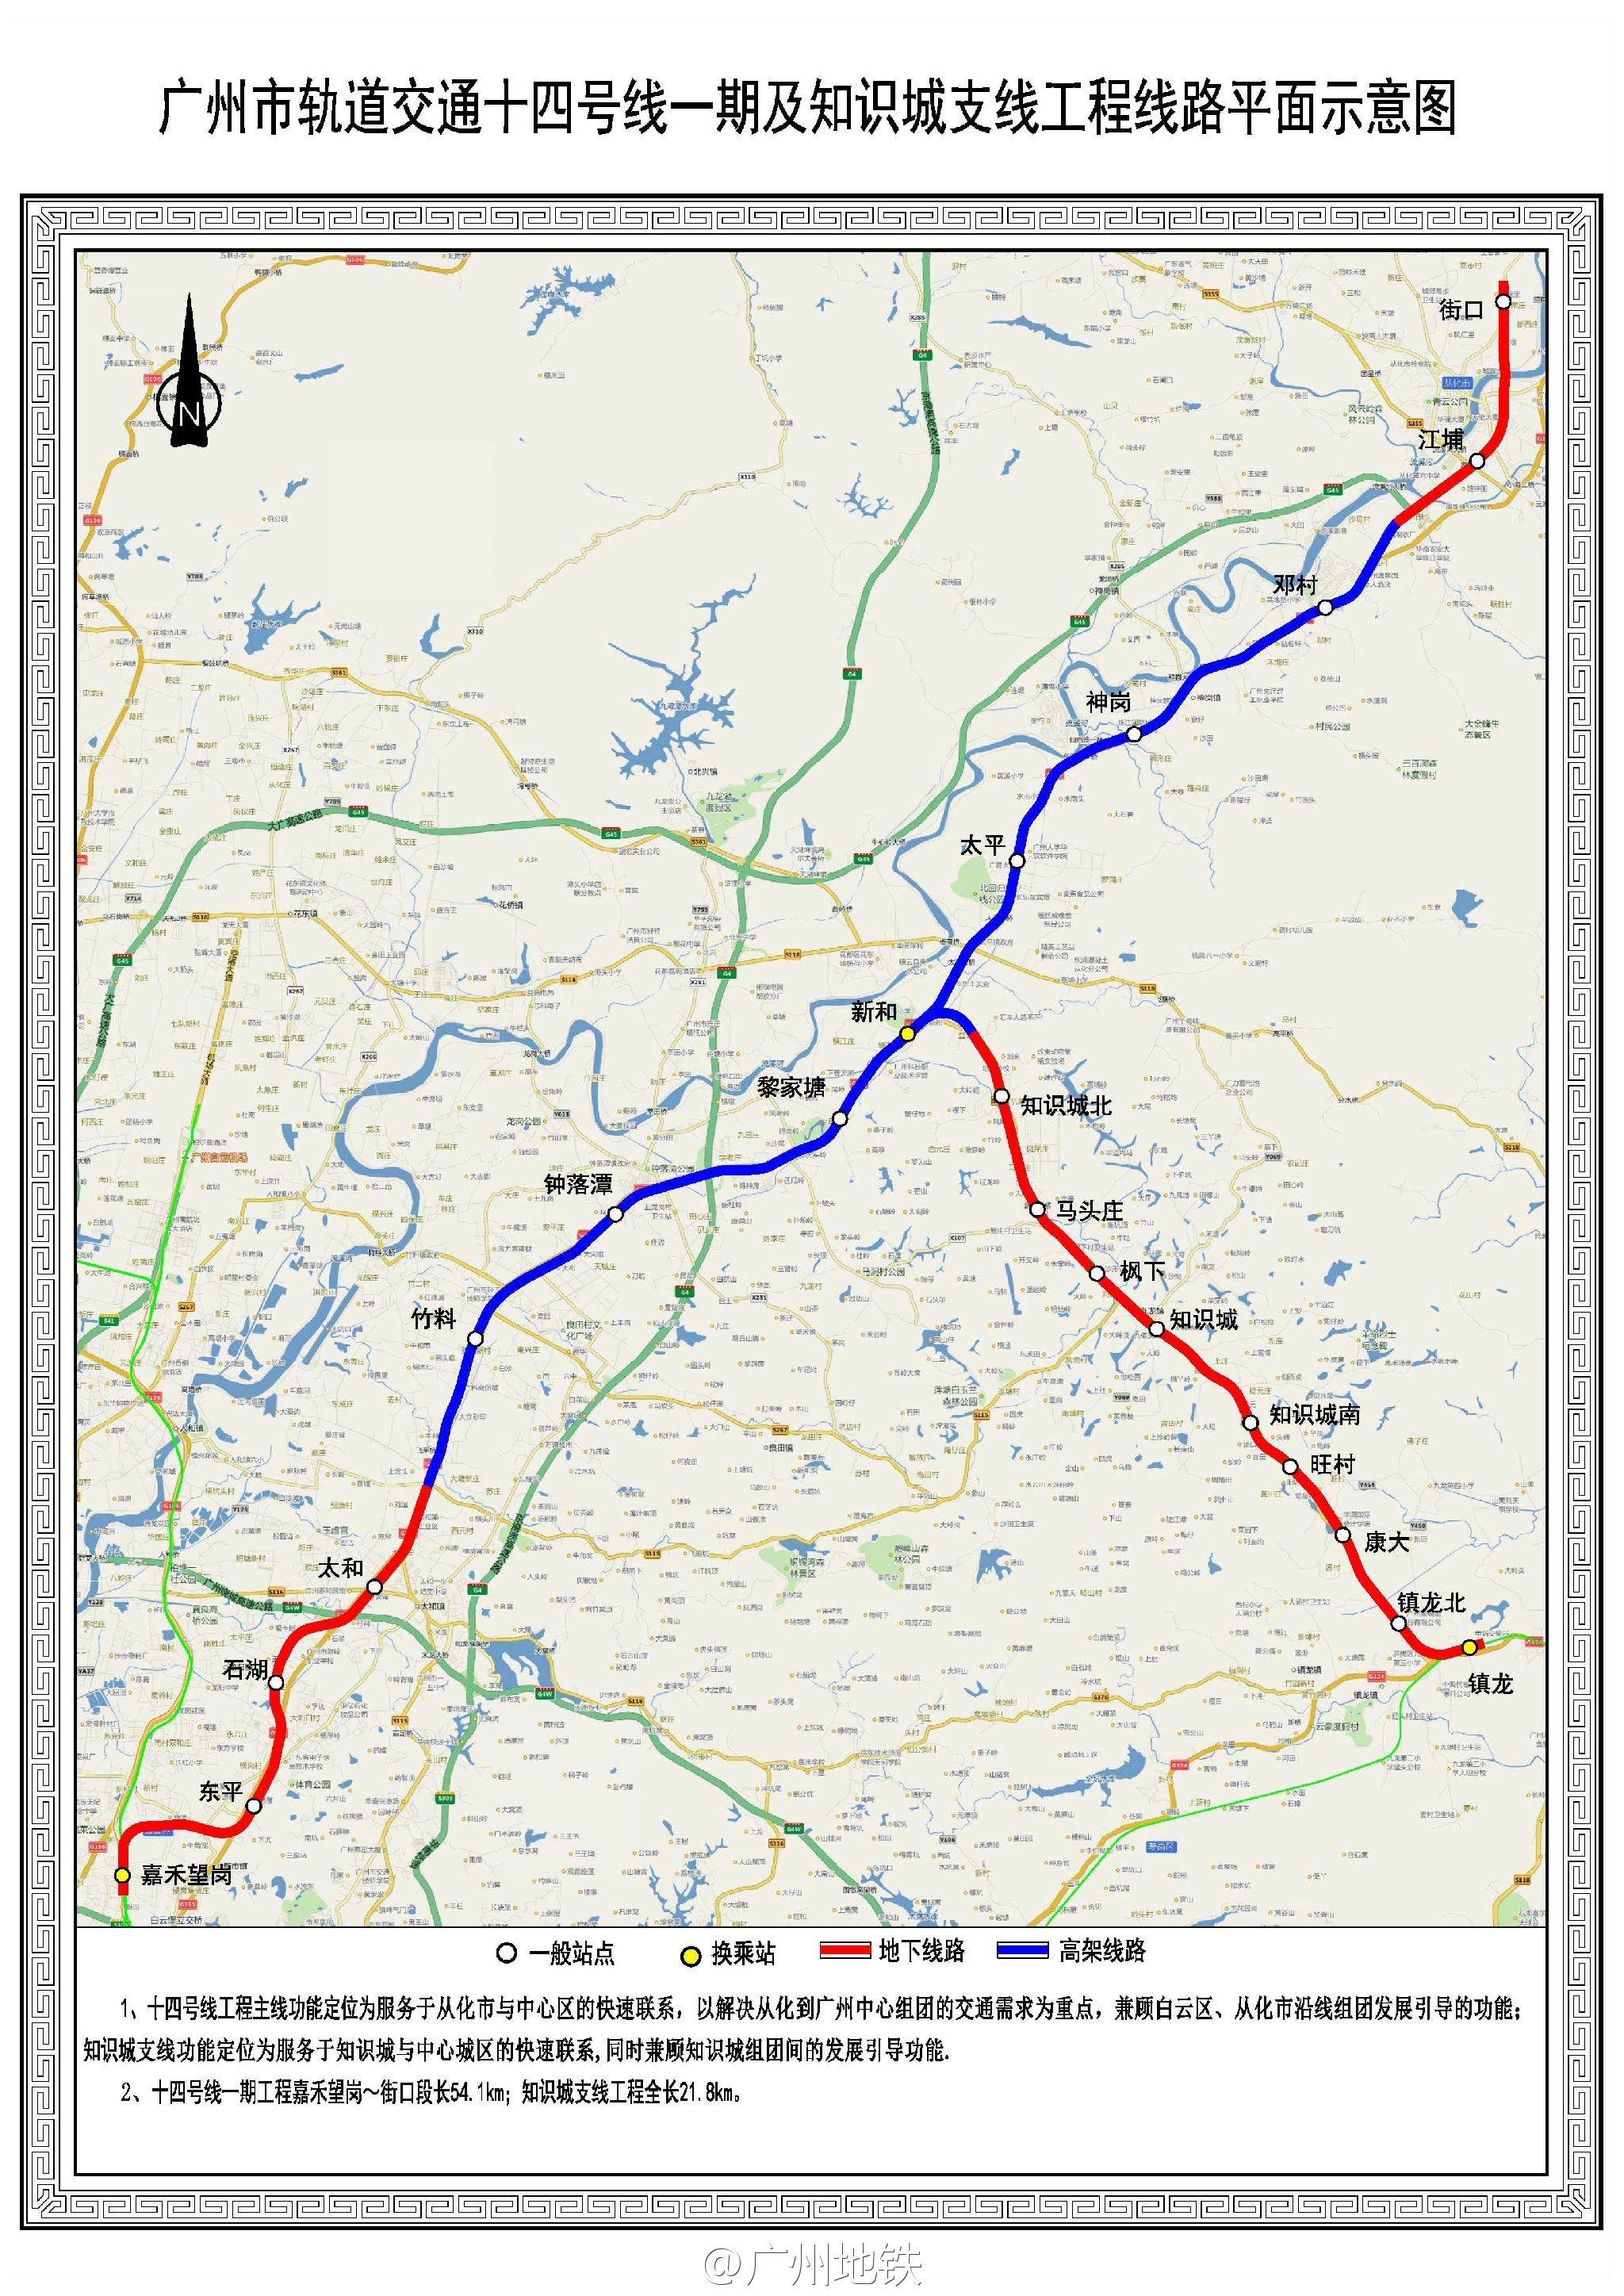 广州地铁14号线知识城支线站点及线路图一览图片